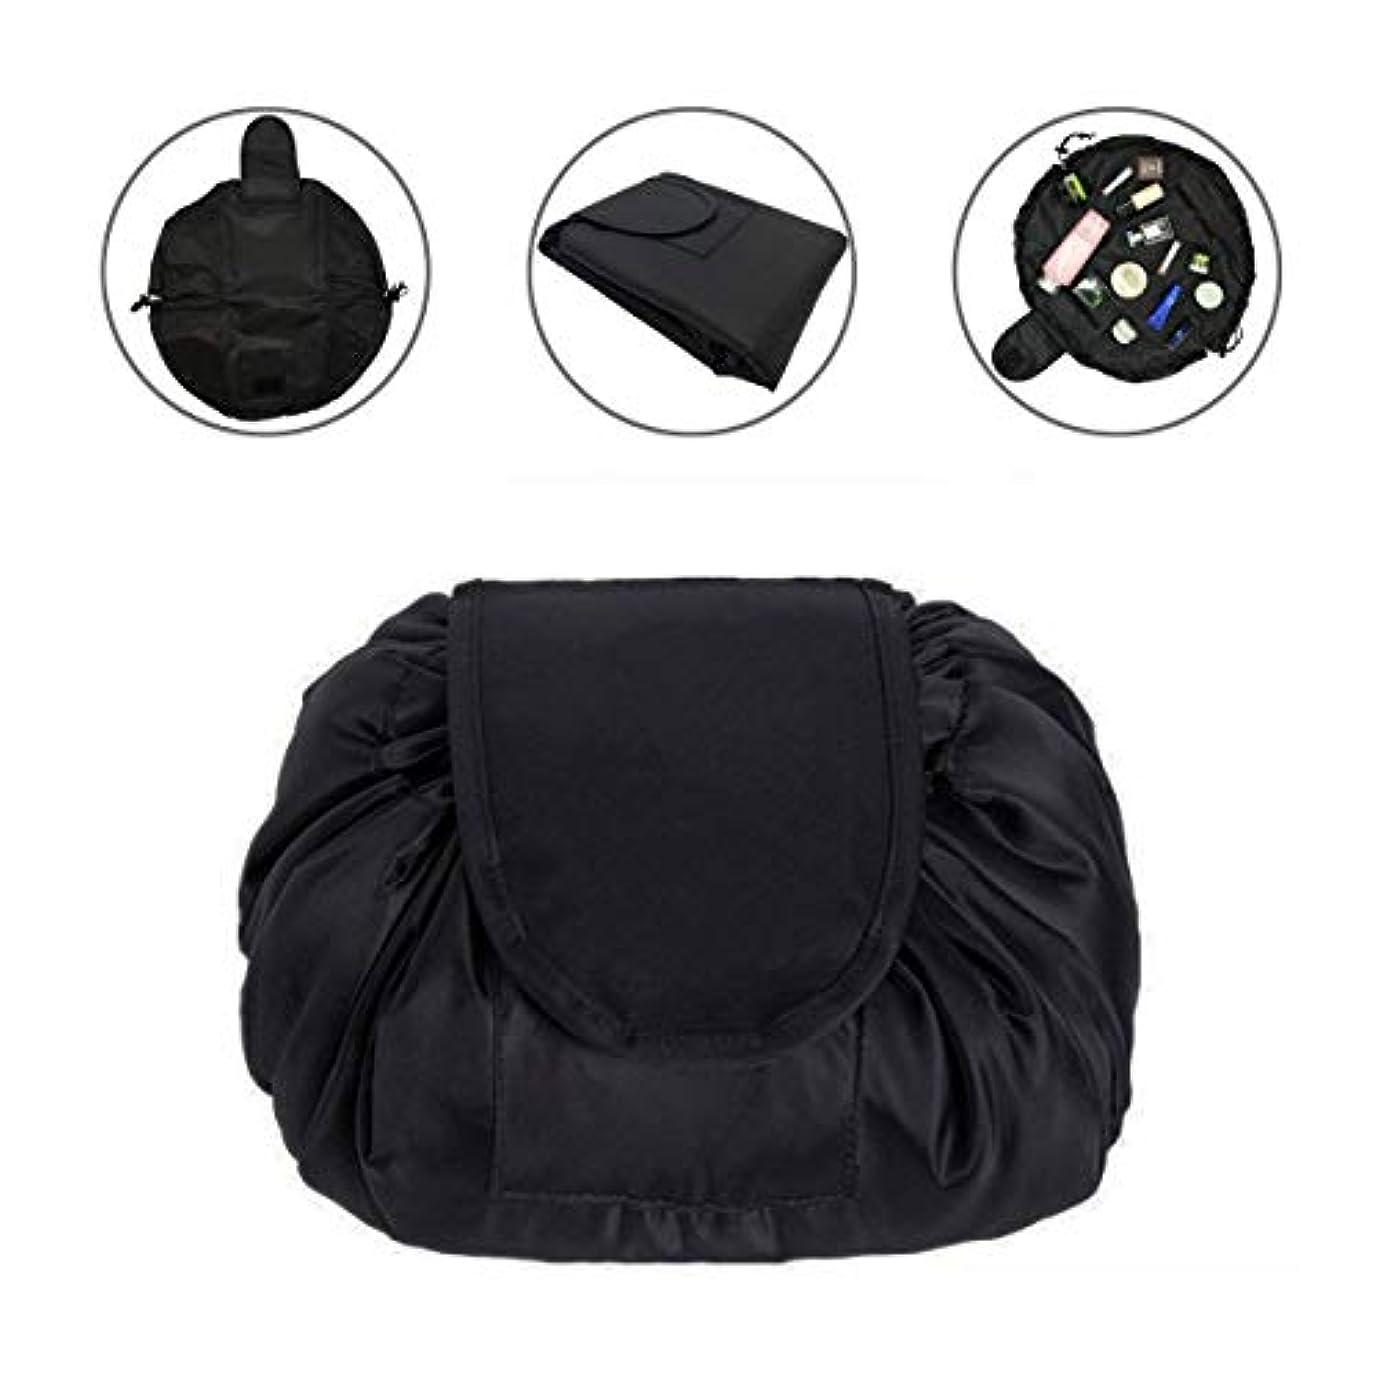 ファイル右ハック化粧バッグ 化粧ポーチ メイクバッグ 化粧品収納バッグ 折畳式